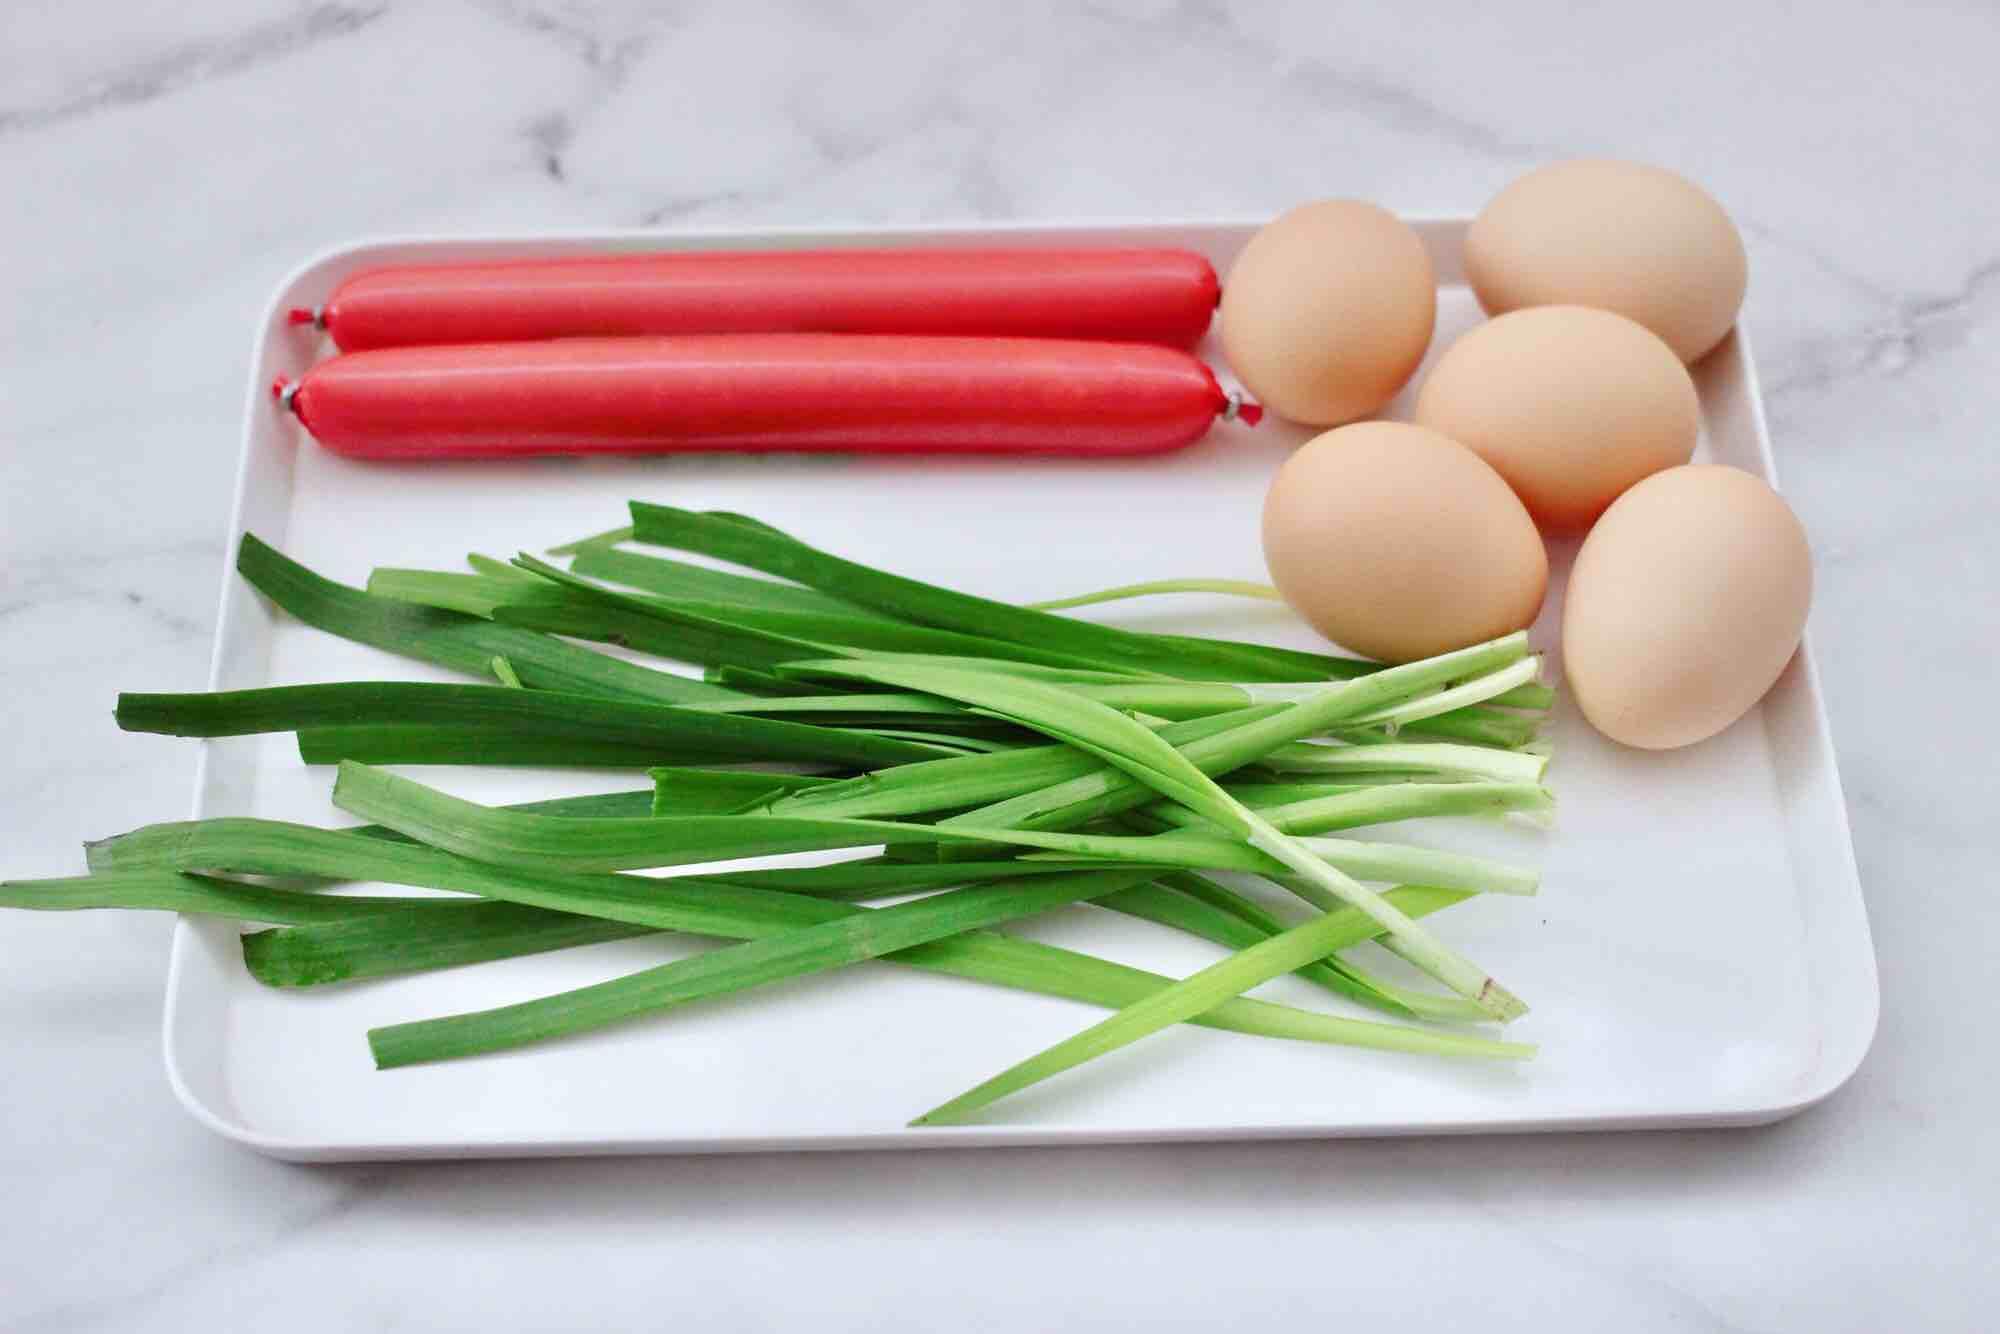 日式火腿鸡蛋卷的步骤